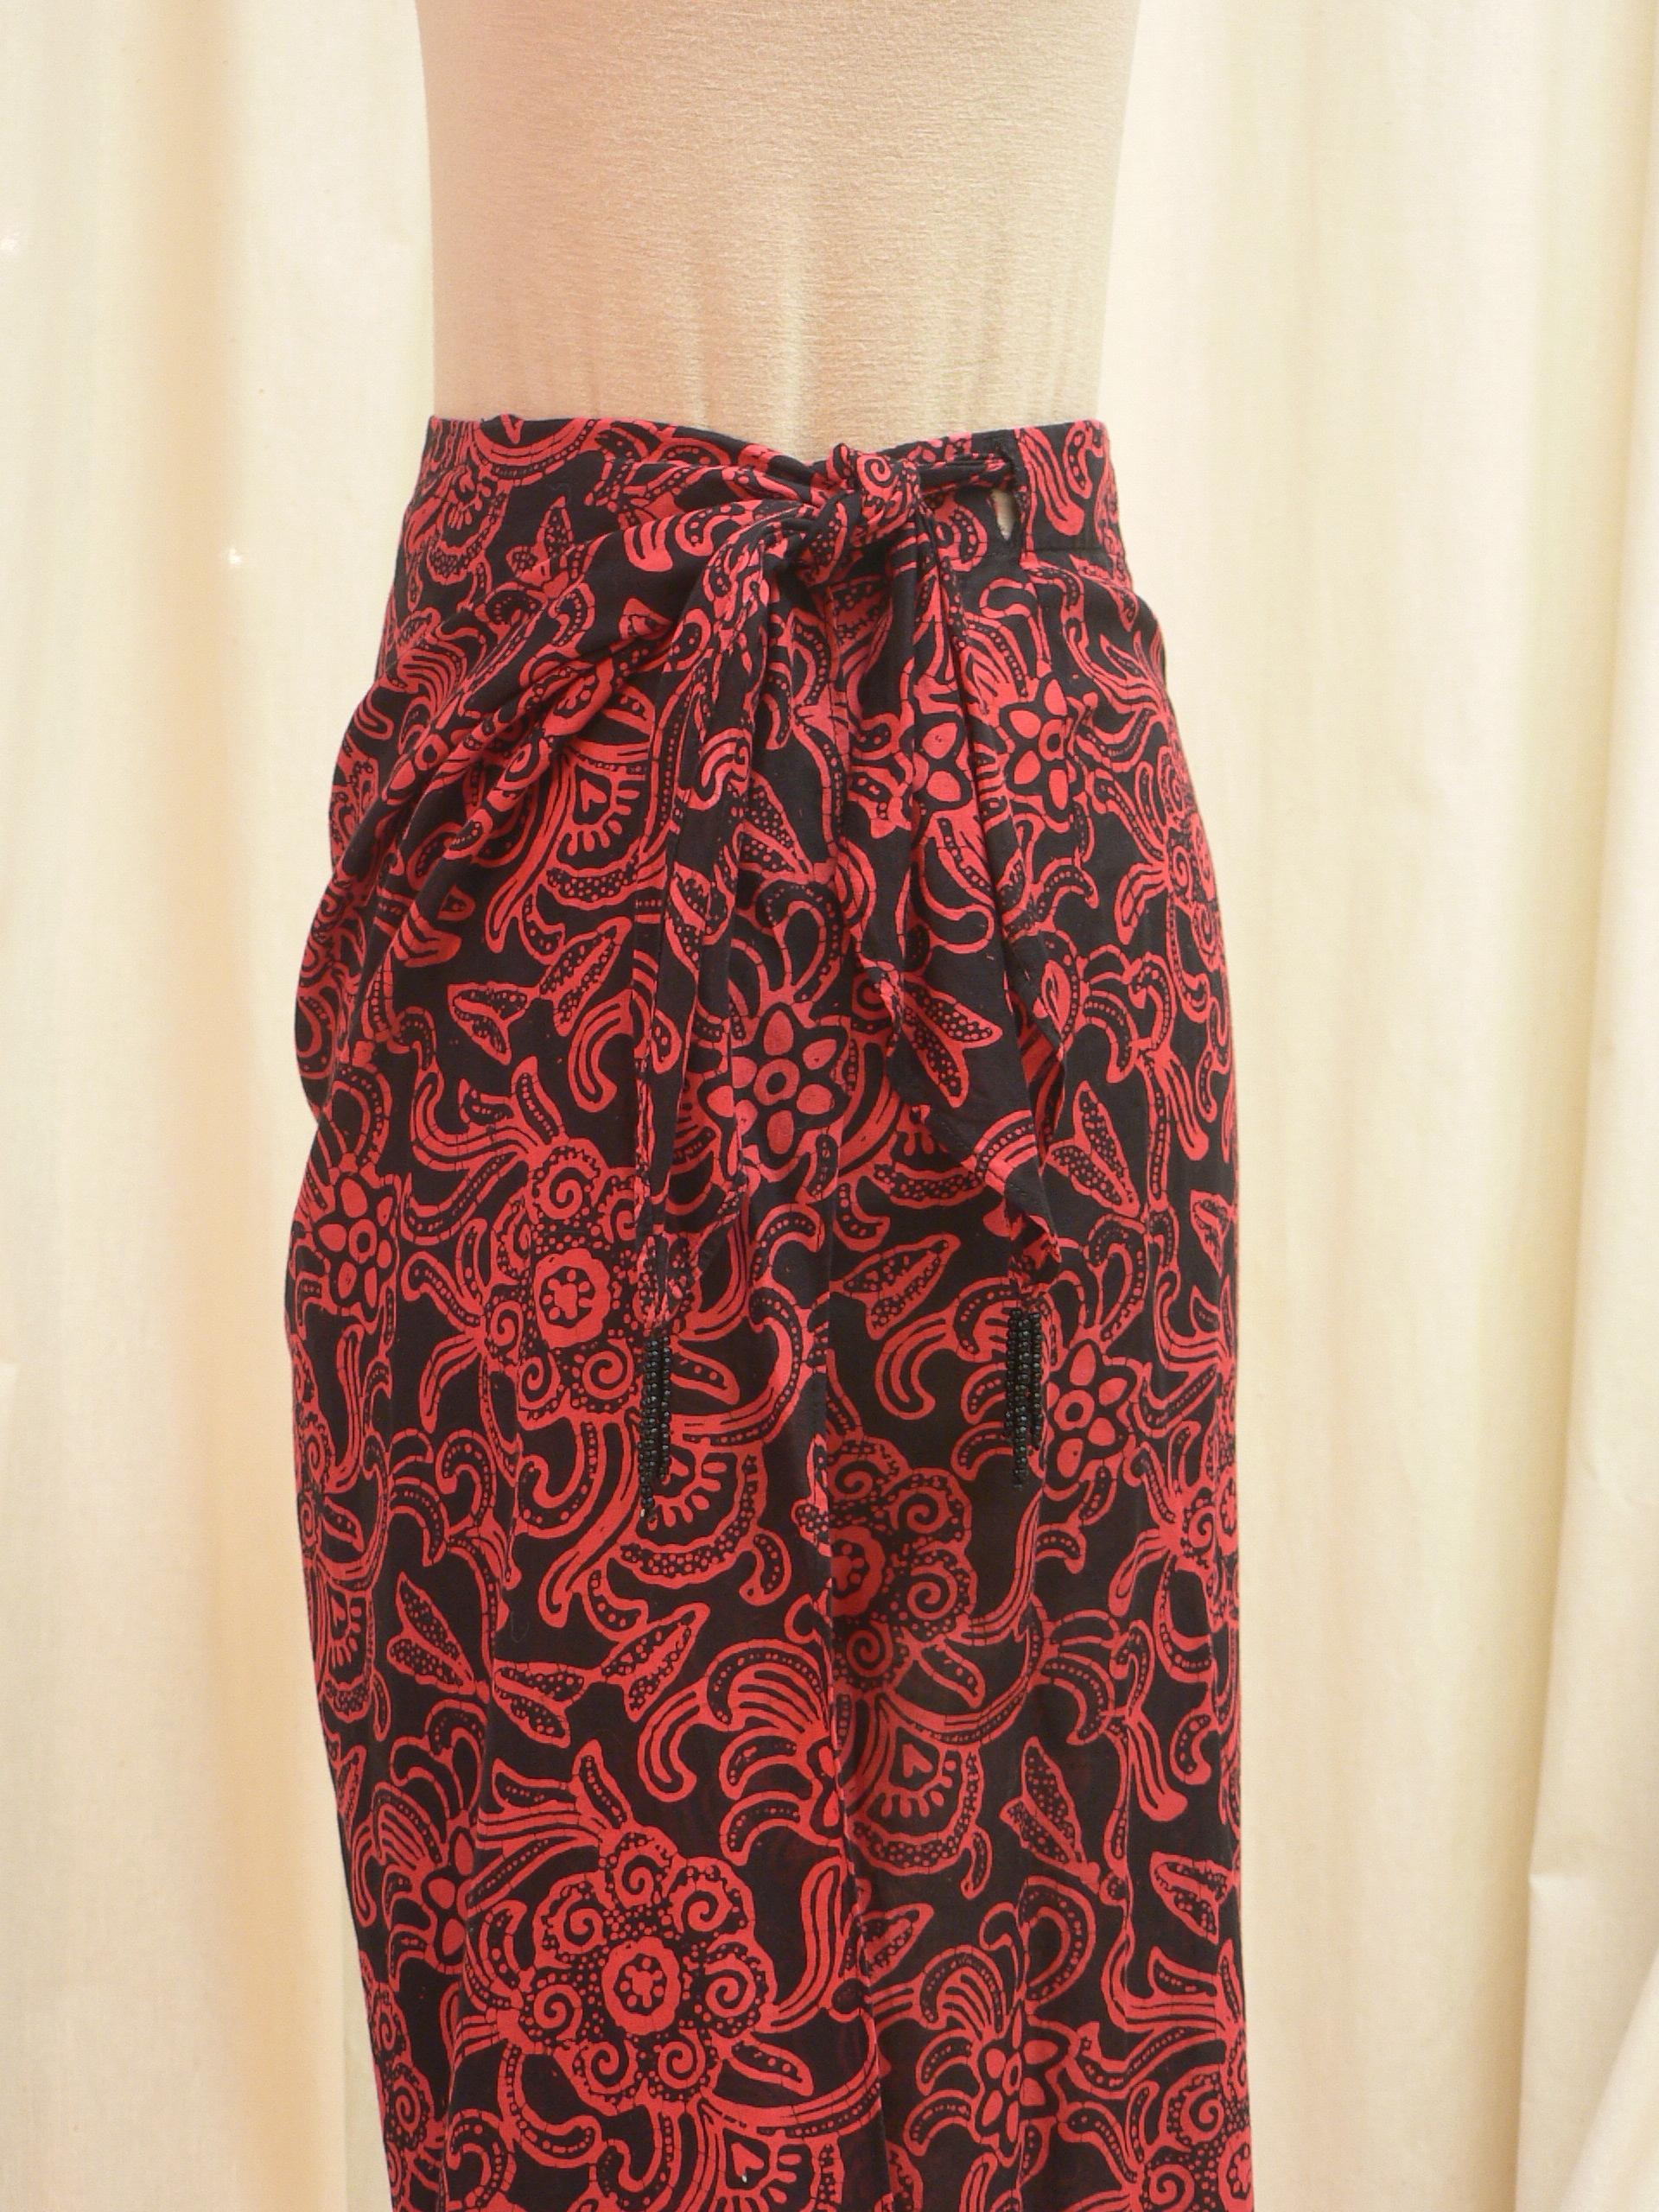 skirt01_side_detail.JPG